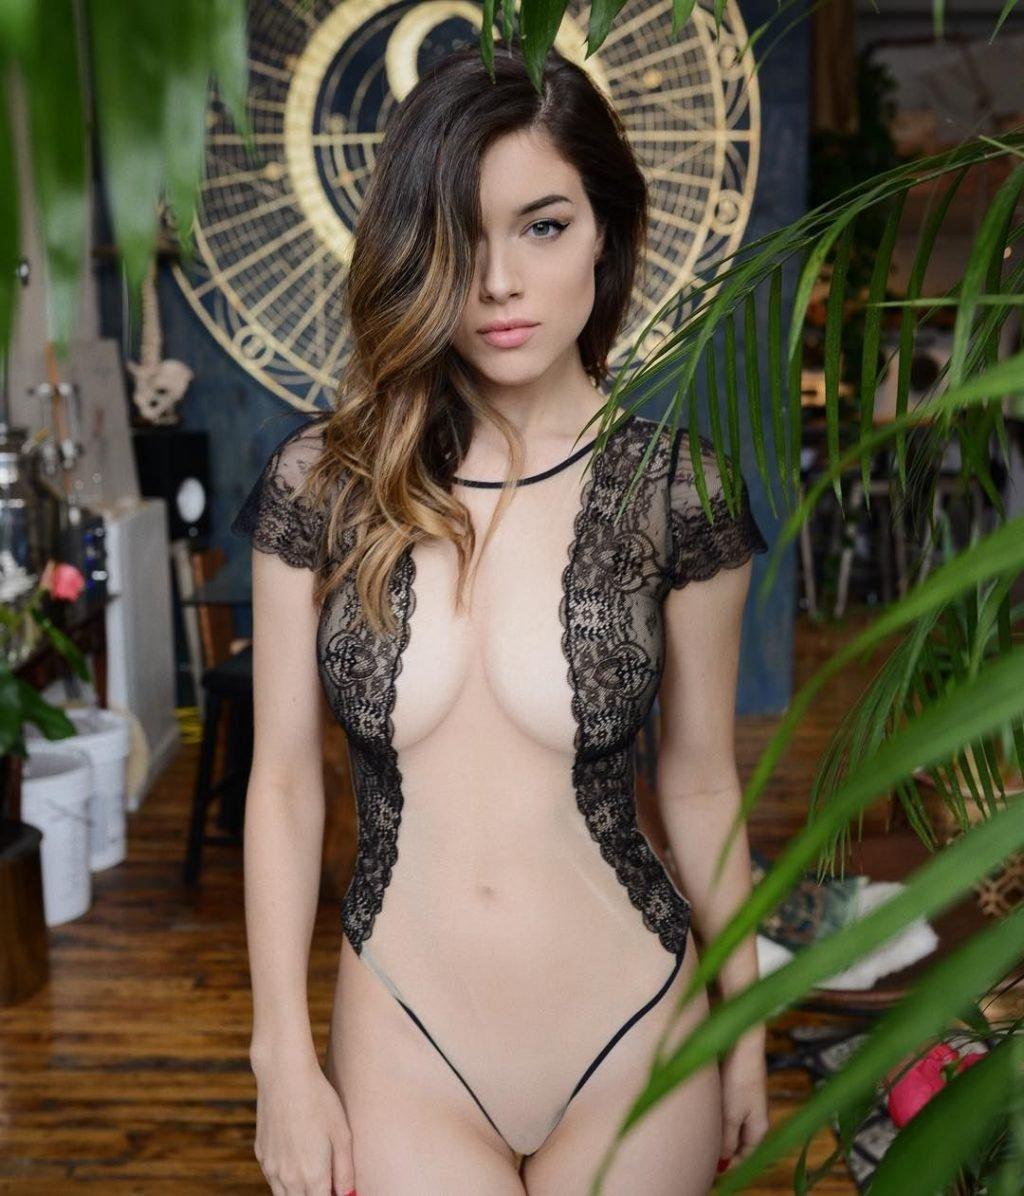 Lauren Summer Nude & Sexy (18 Photos)